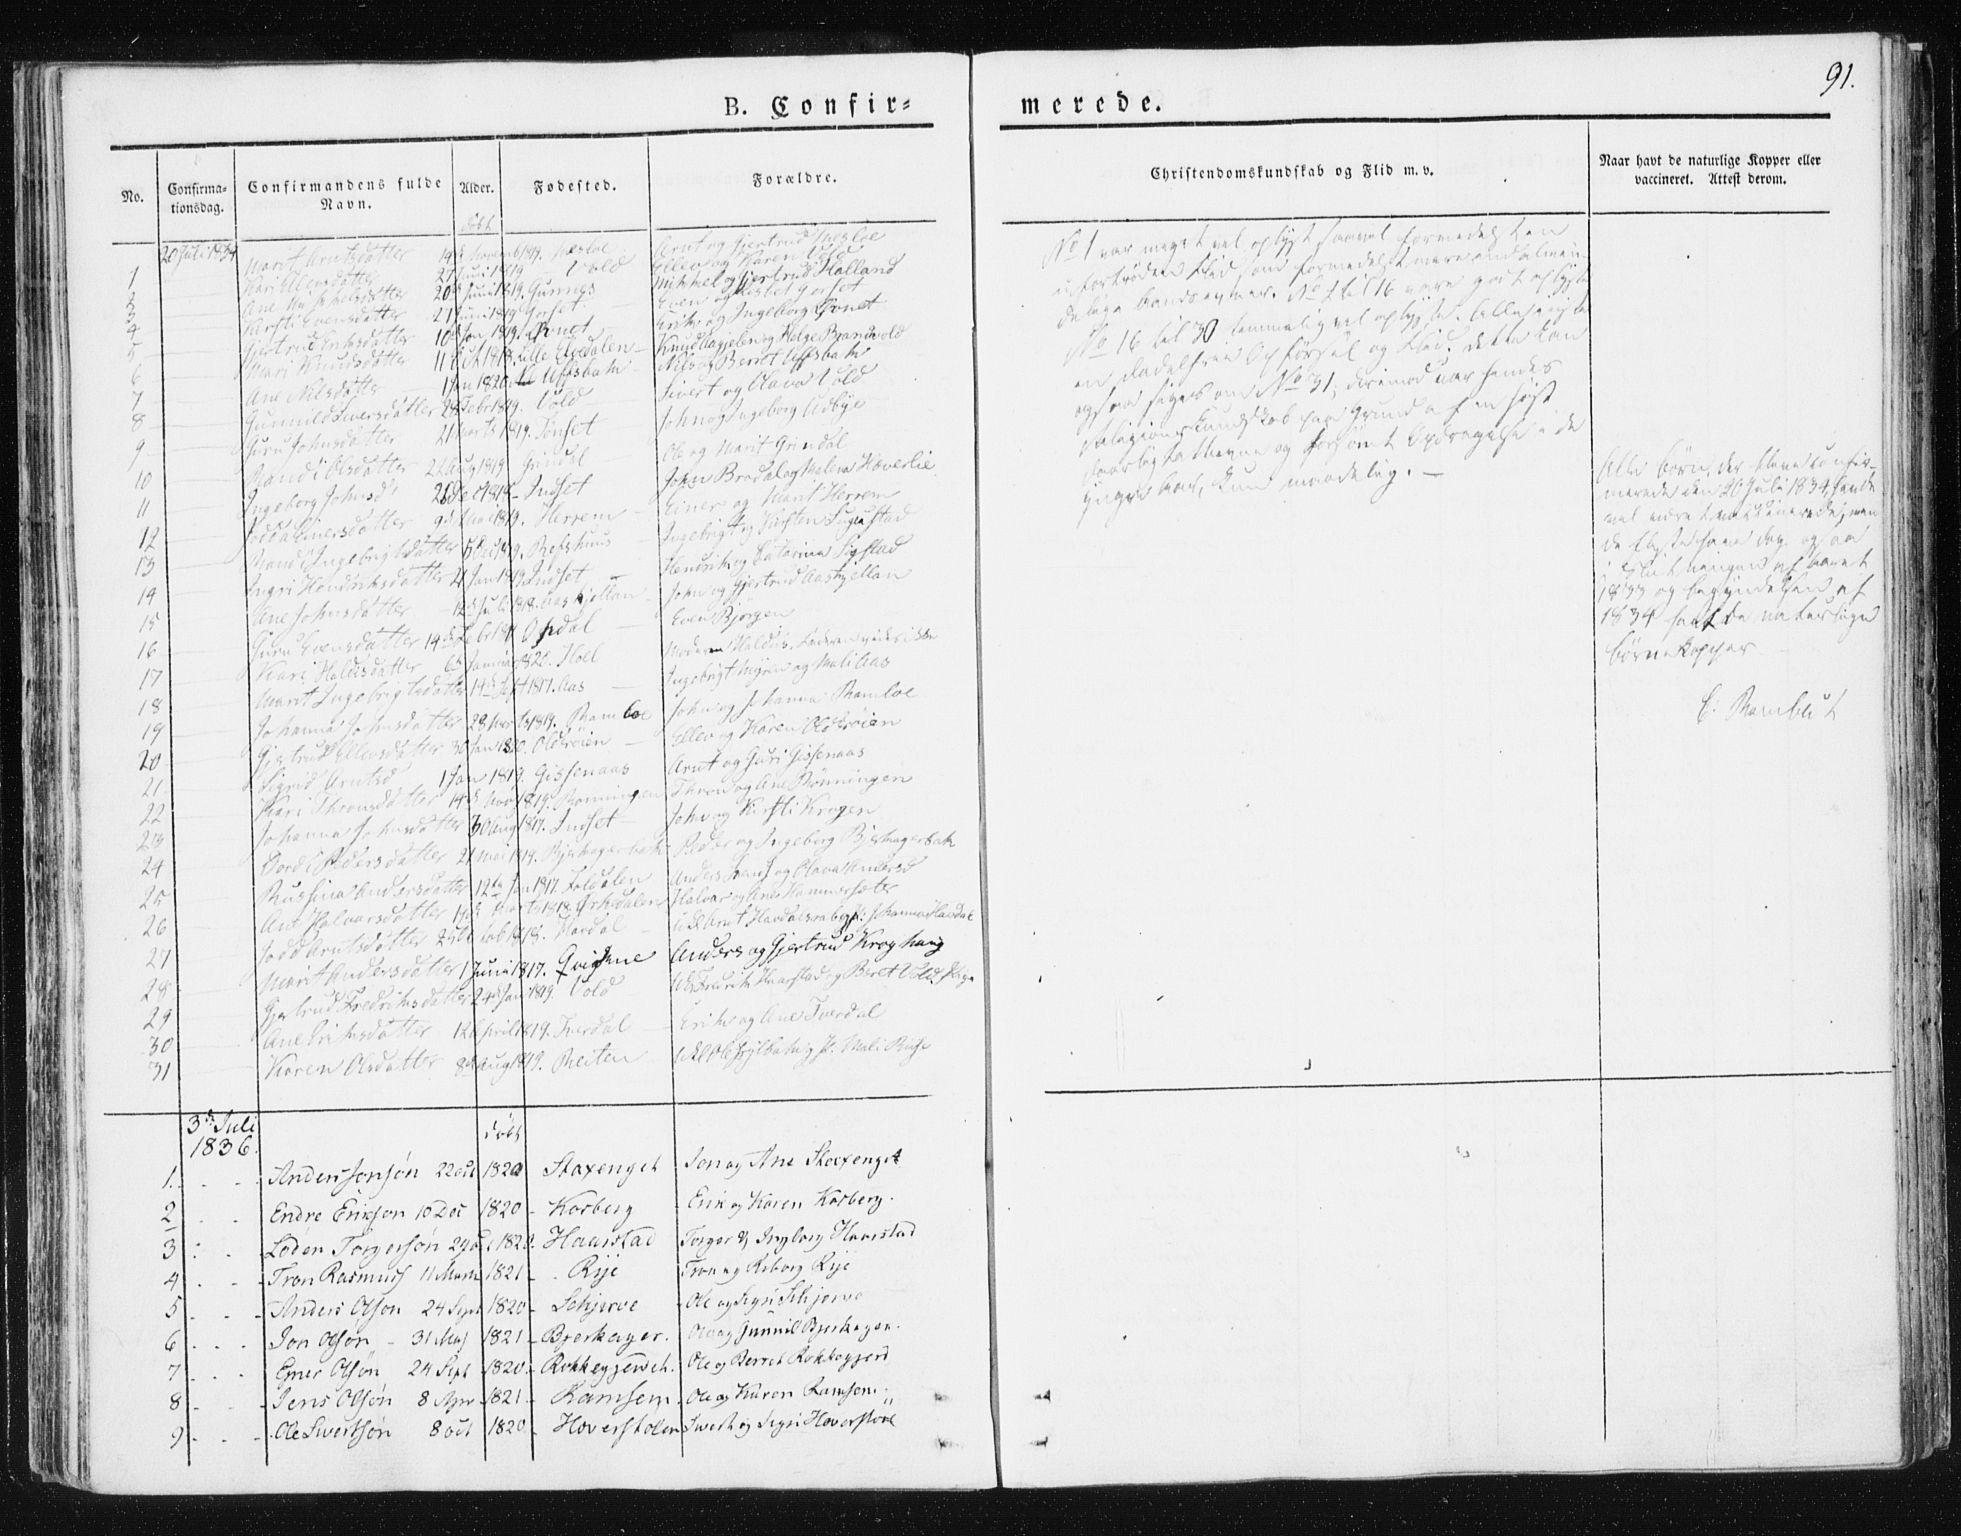 SAT, Ministerialprotokoller, klokkerbøker og fødselsregistre - Sør-Trøndelag, 674/L0869: Ministerialbok nr. 674A01, 1829-1860, s. 91